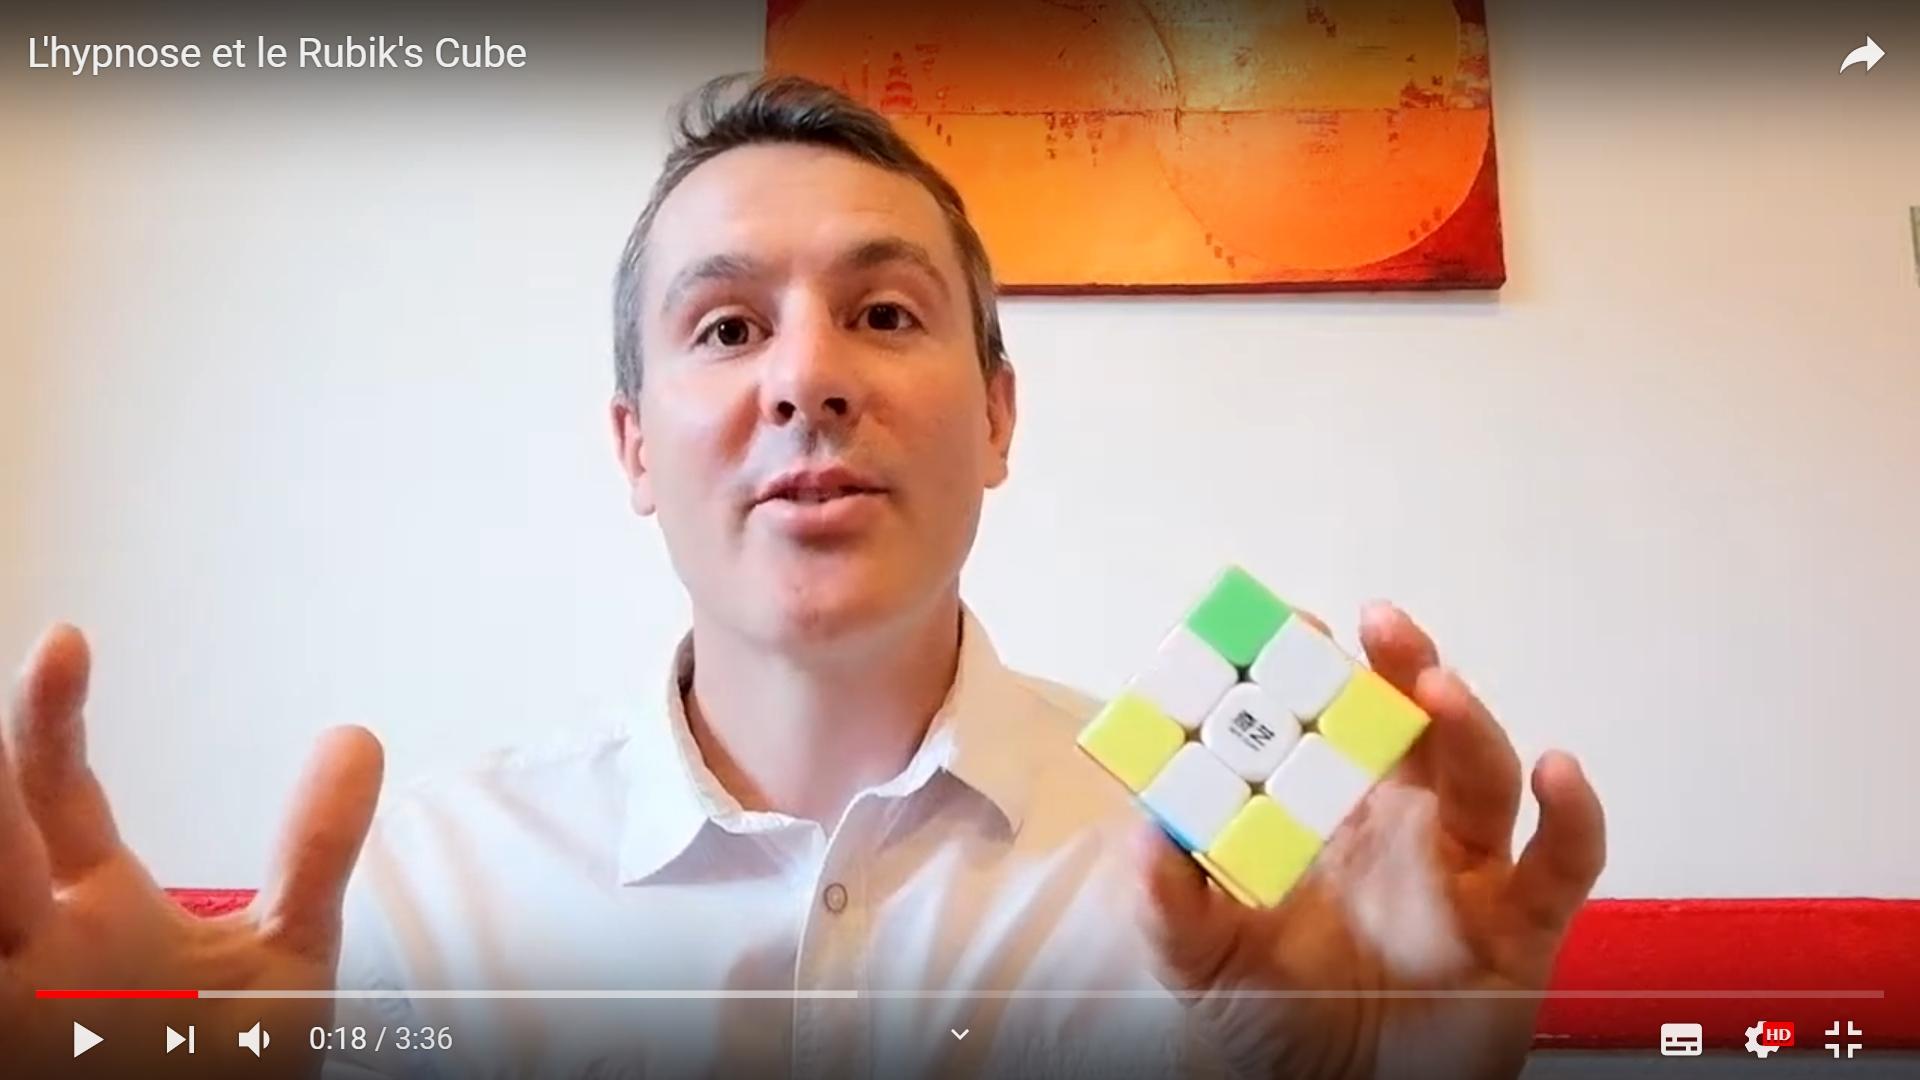 L'hypnose à travers le Rubik's cube en vidéo